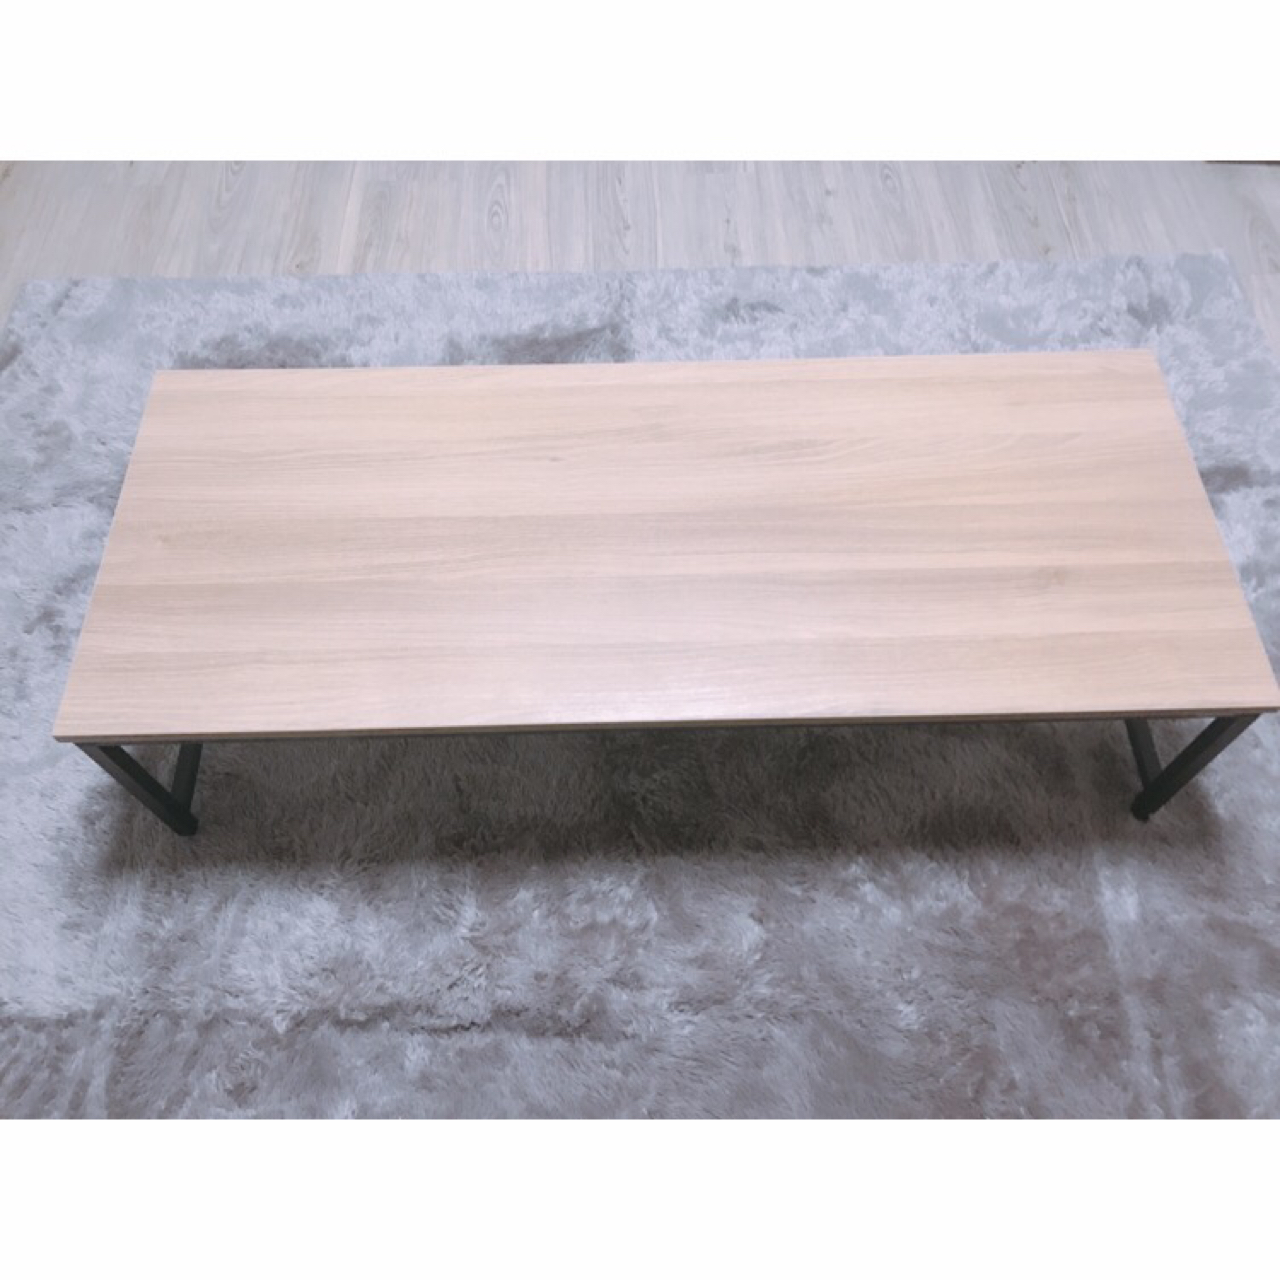 좌식 테이블 책상 밥상